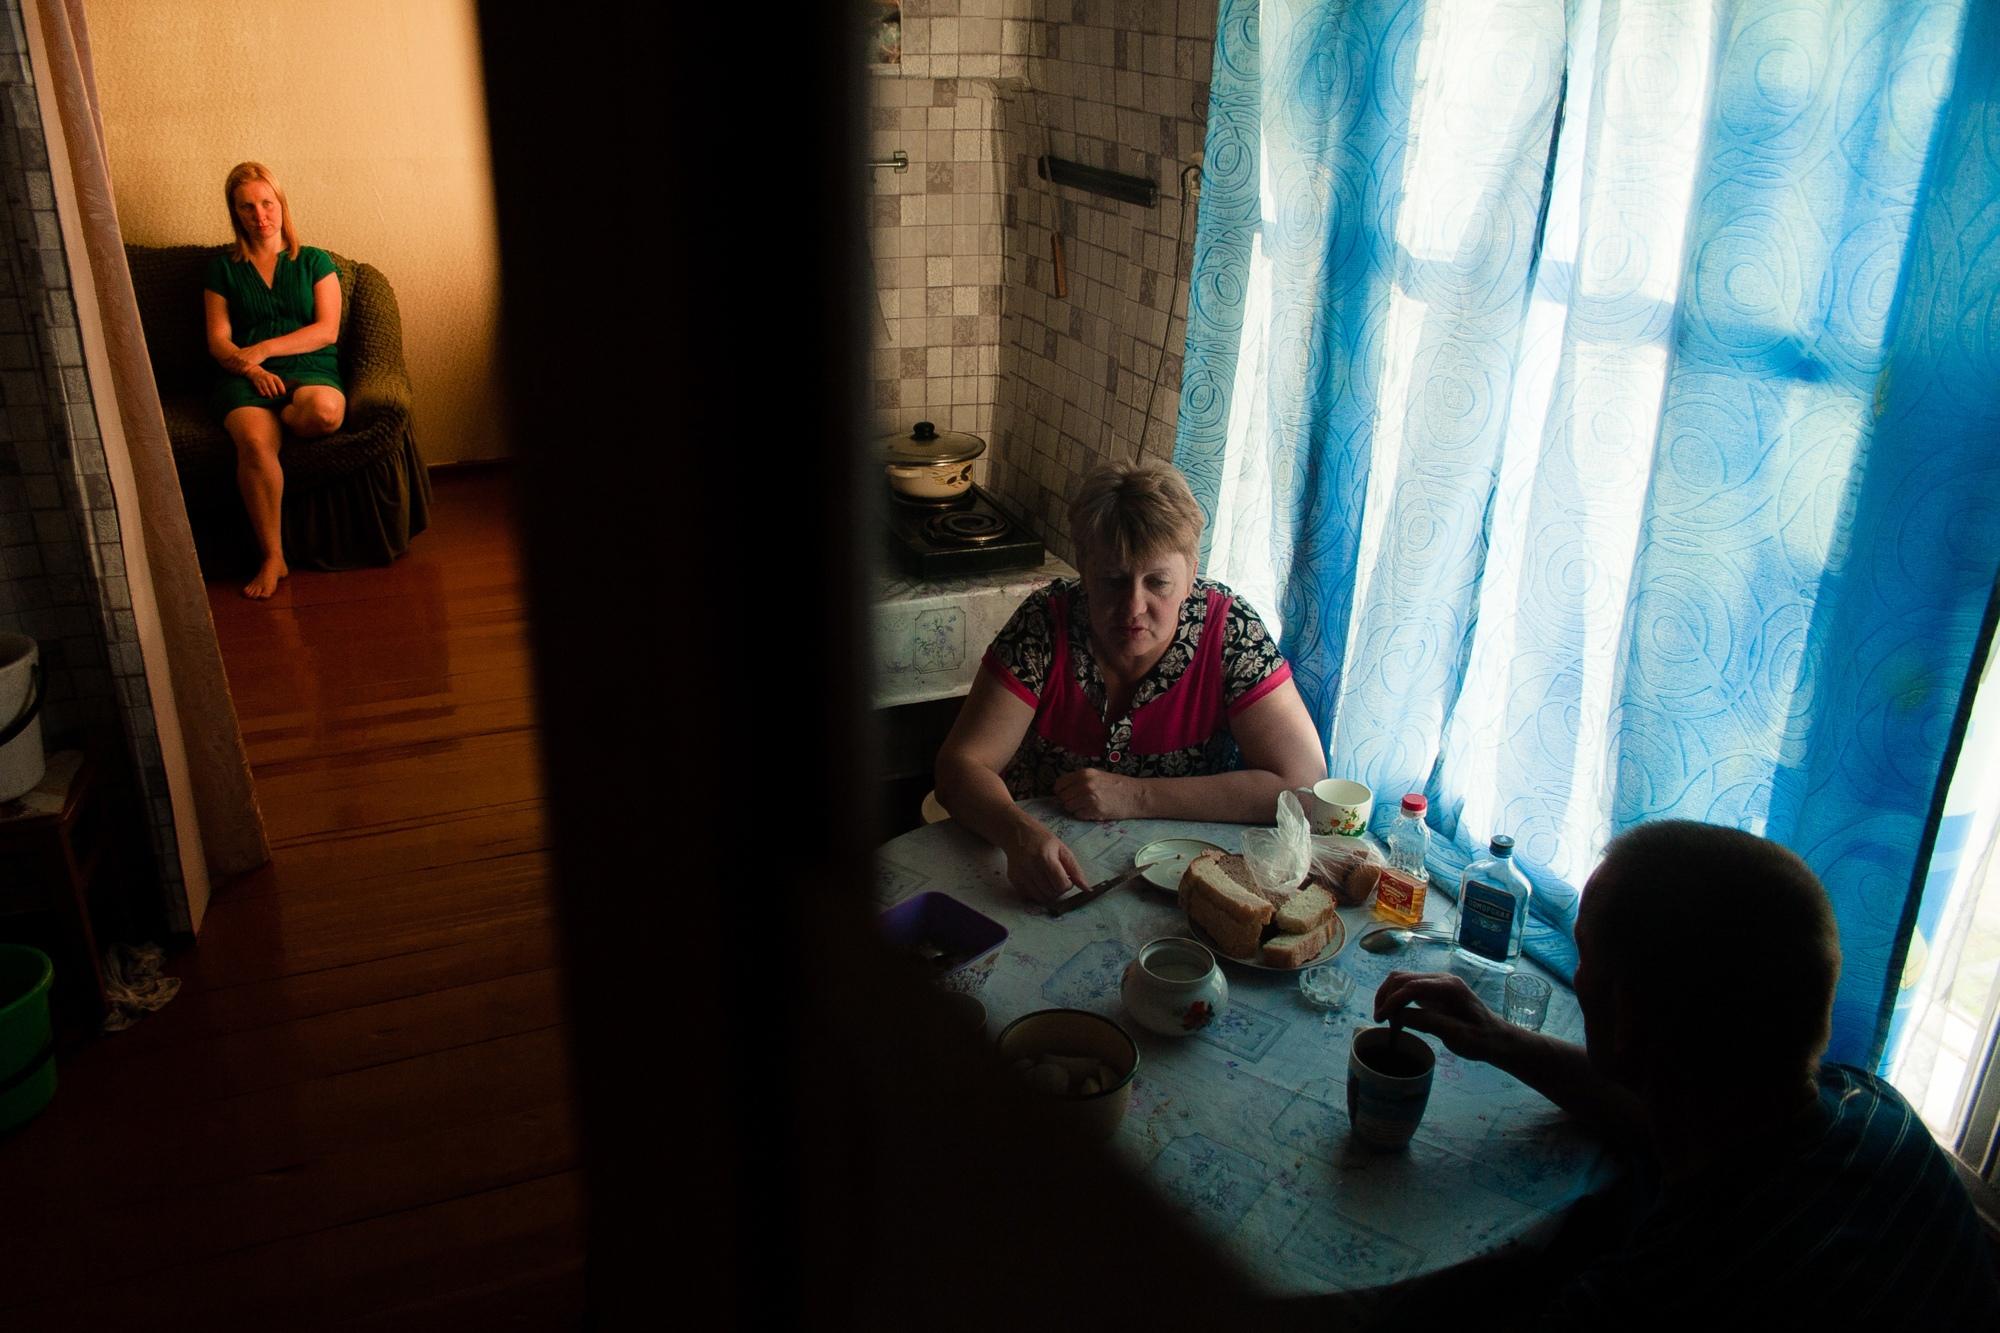 «Не идеализирую настоящее». Фотограф ведет летопись своей семьи, в которой вы узнаете себя и близких